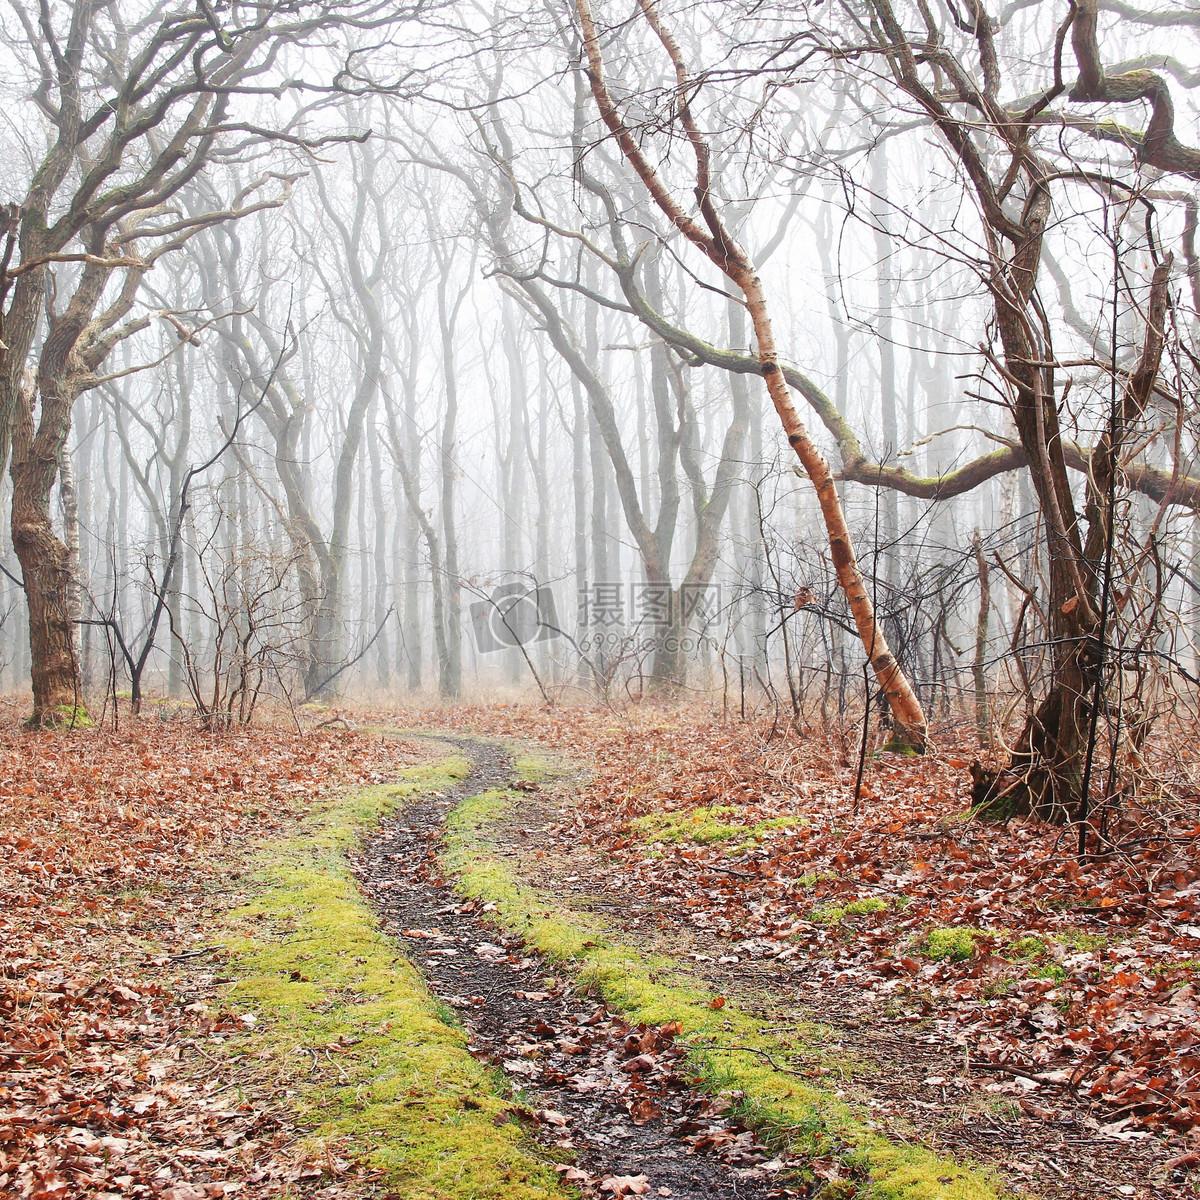 唯美图片 自然风景 森林里的泥泞小路jpg  分享: qq好友 微信朋友圈